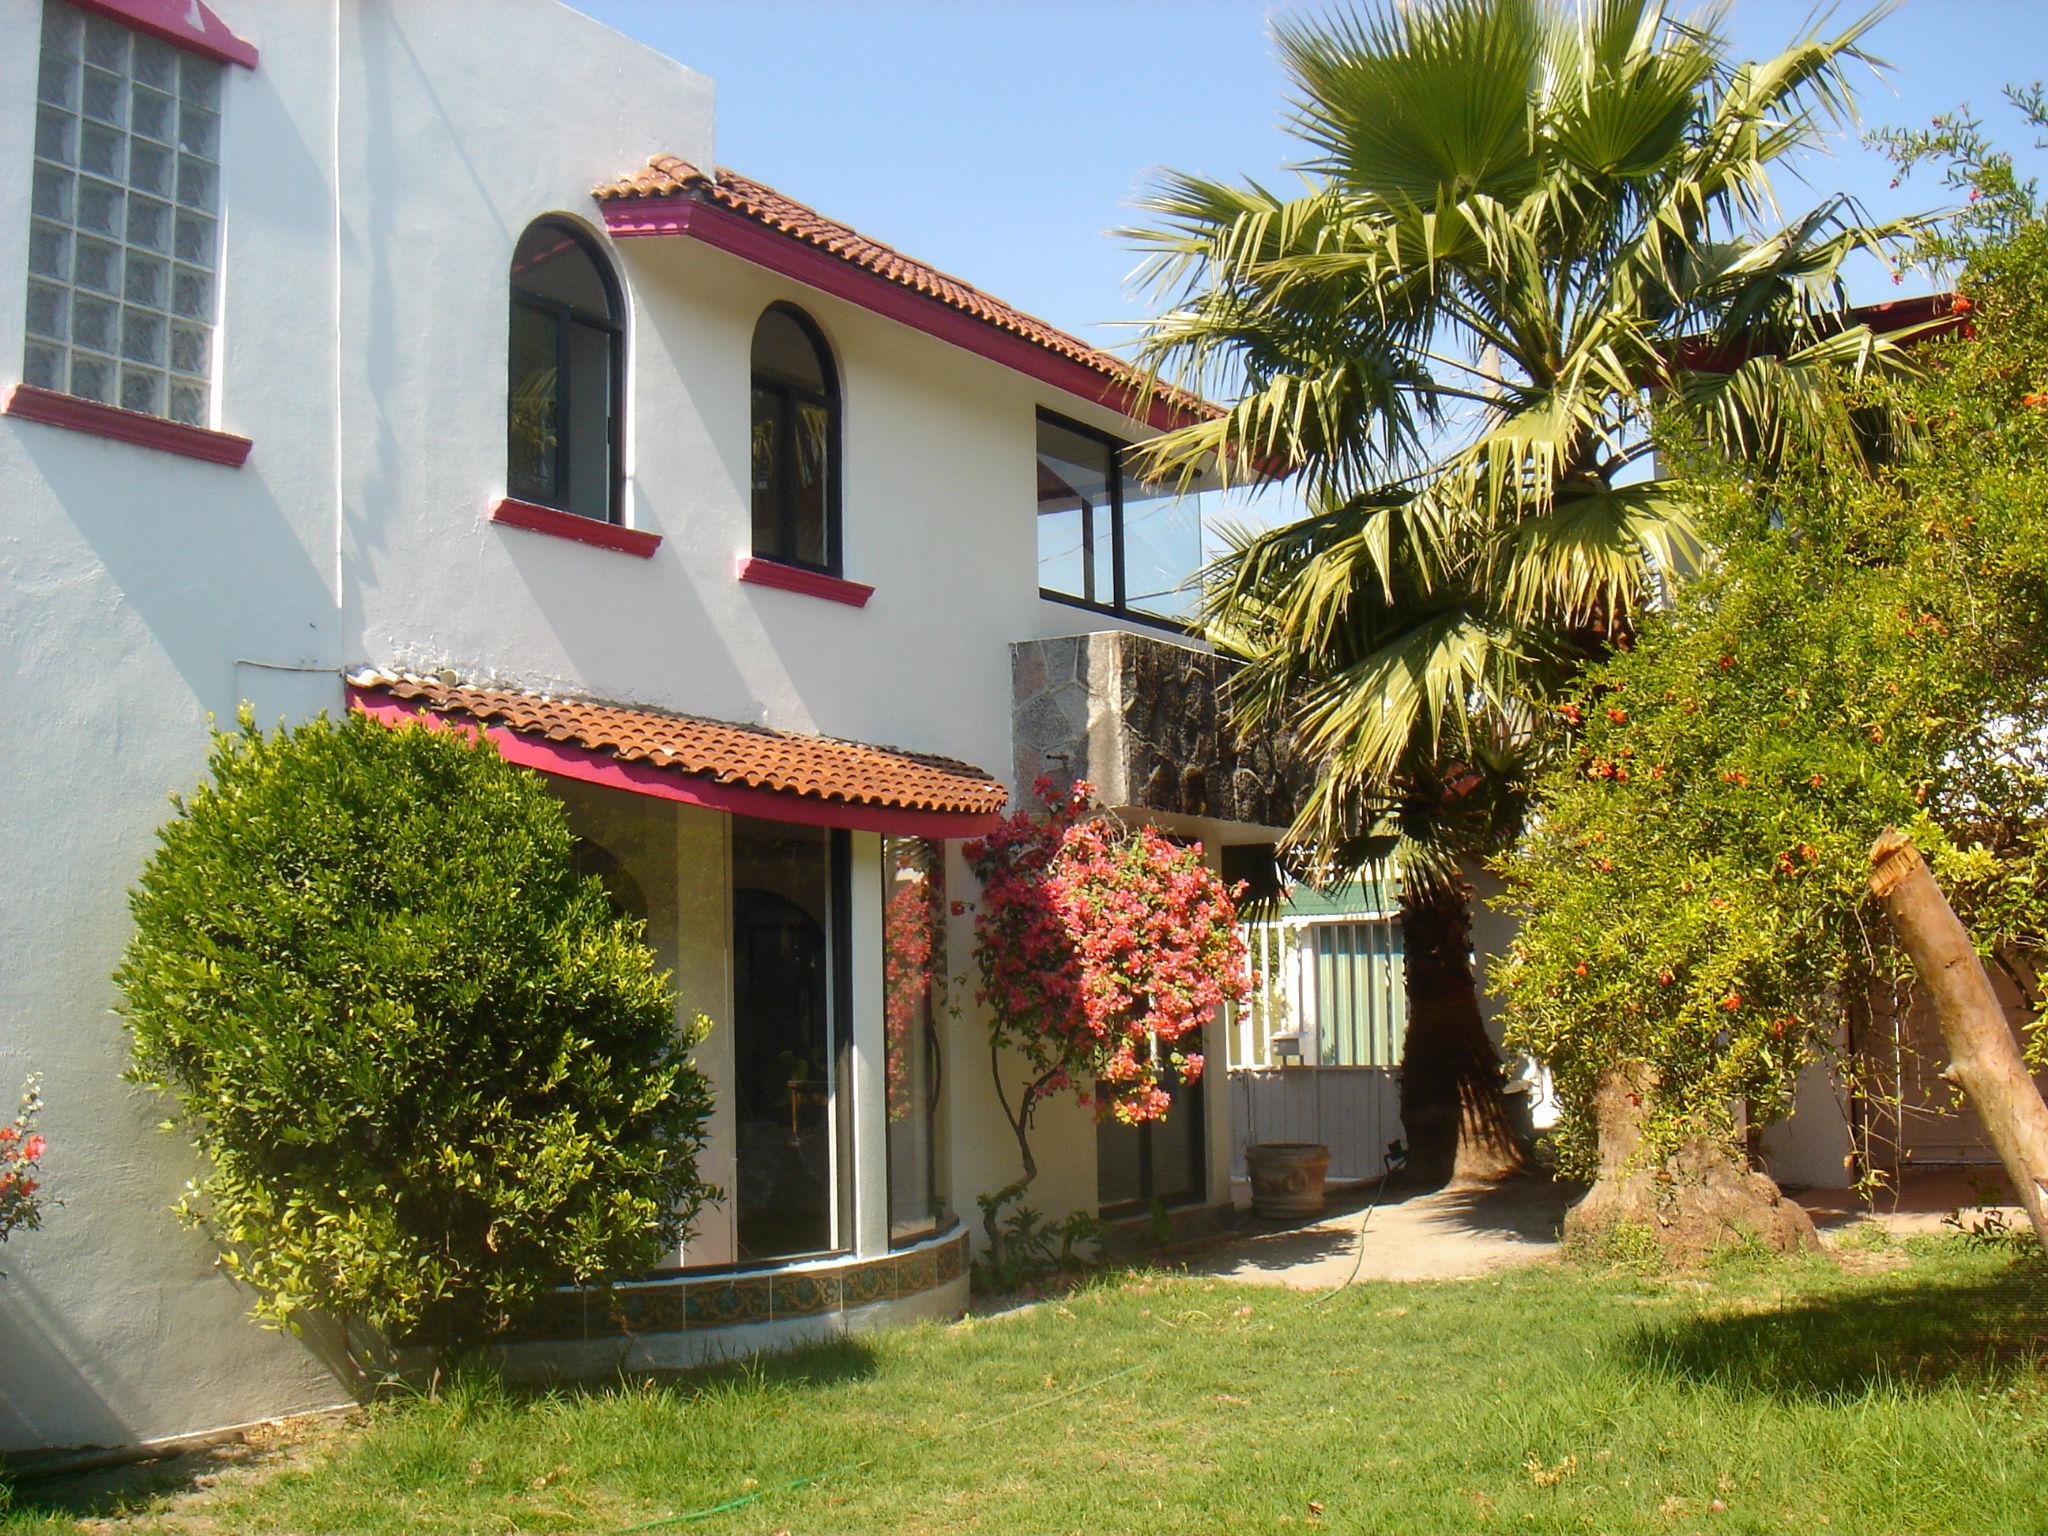 Casa en renta en lomas del ngel goplaceit - Alquiler casas parets del valles ...